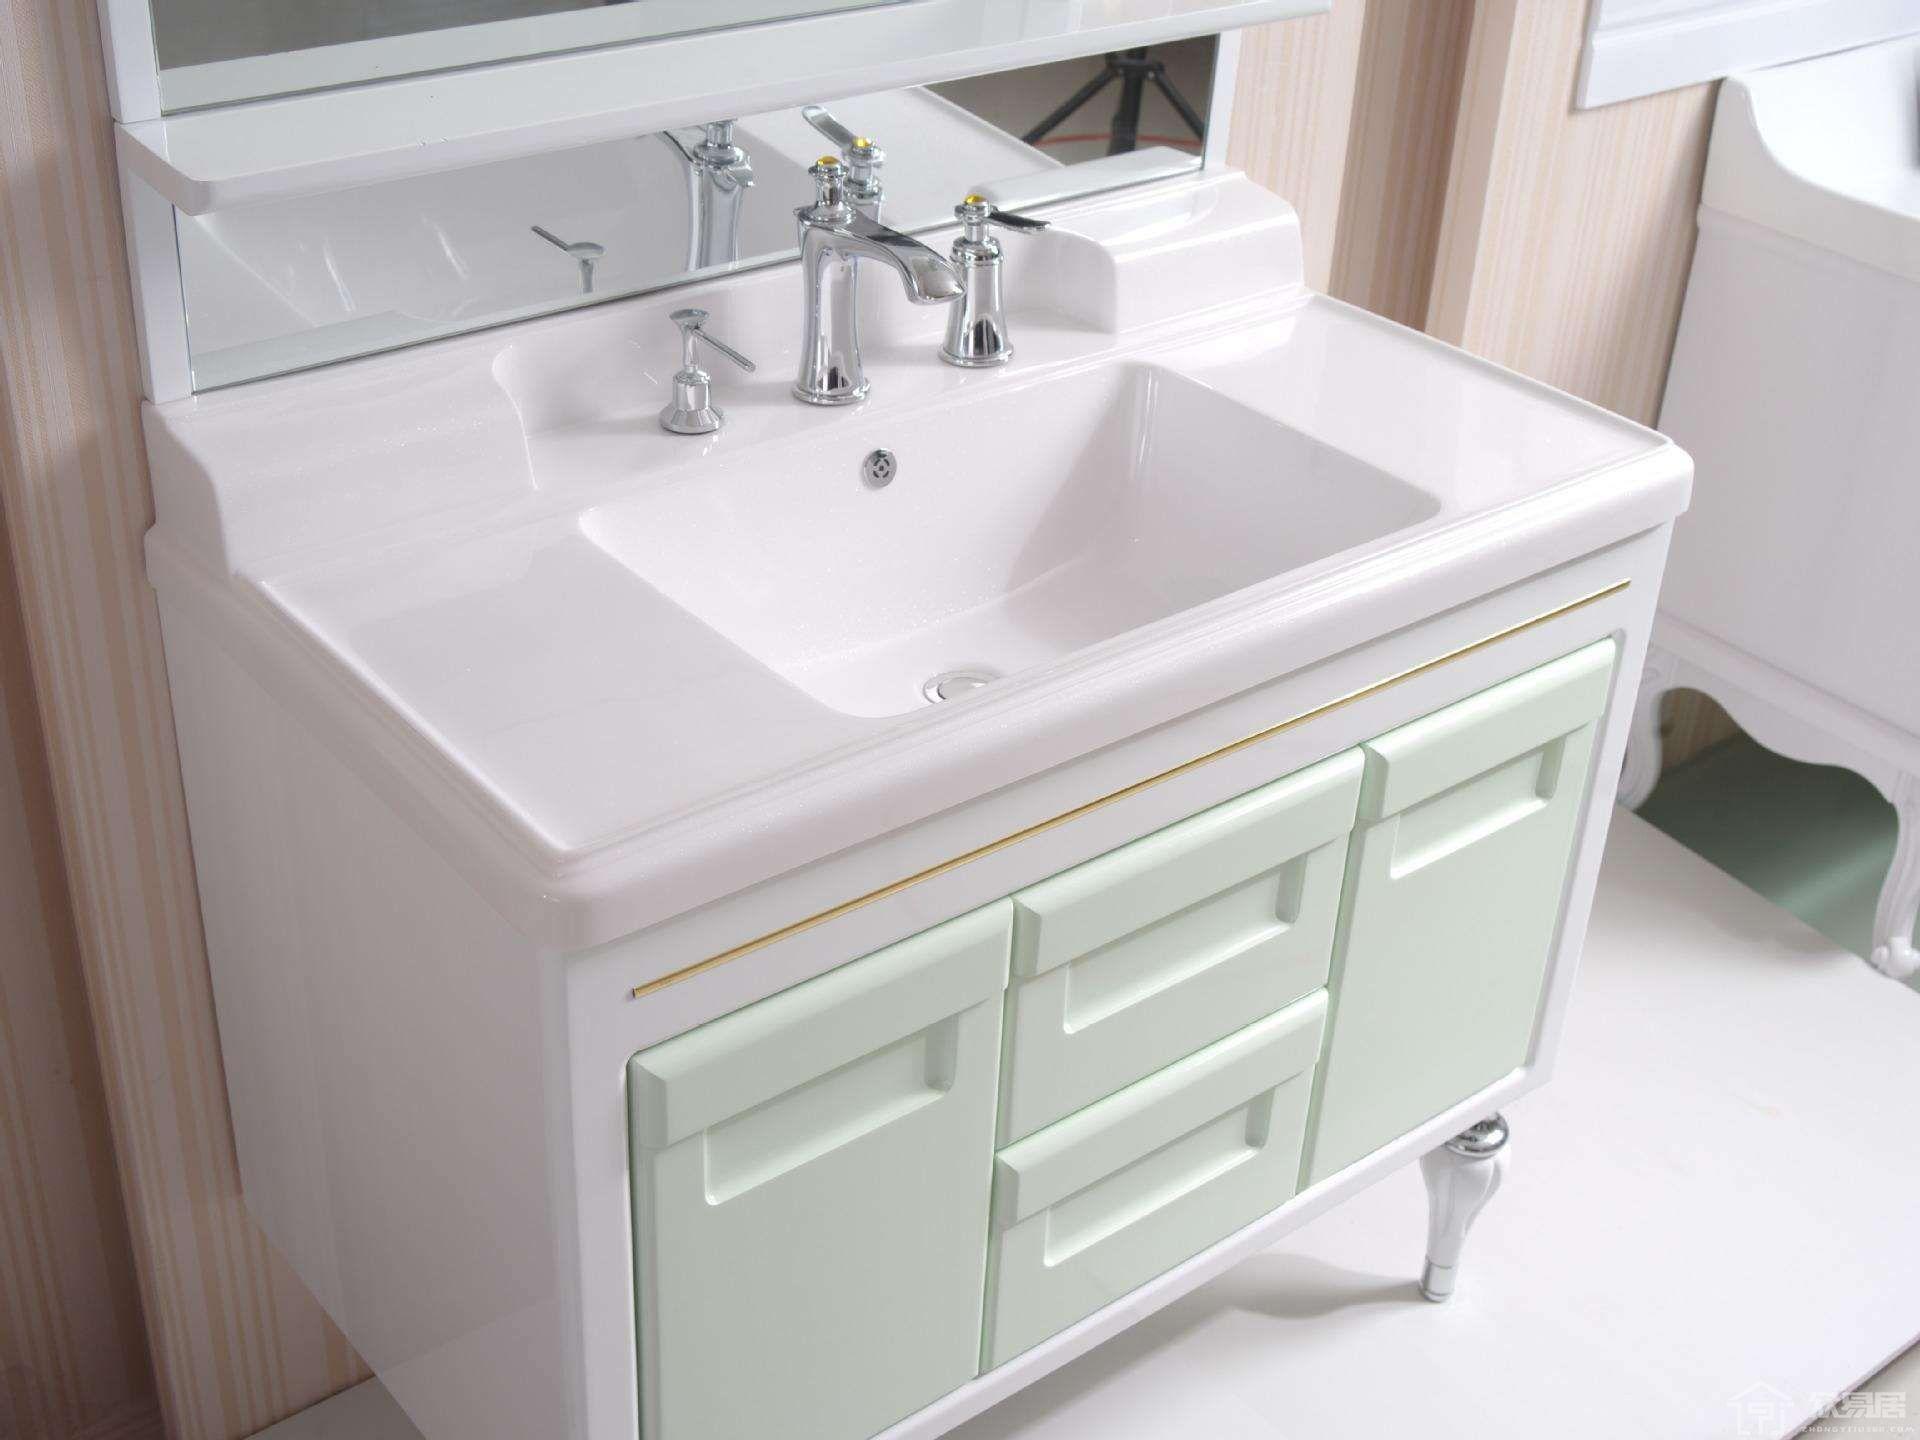 洗手盆应该怎么选购 洗手盆安装注意事项